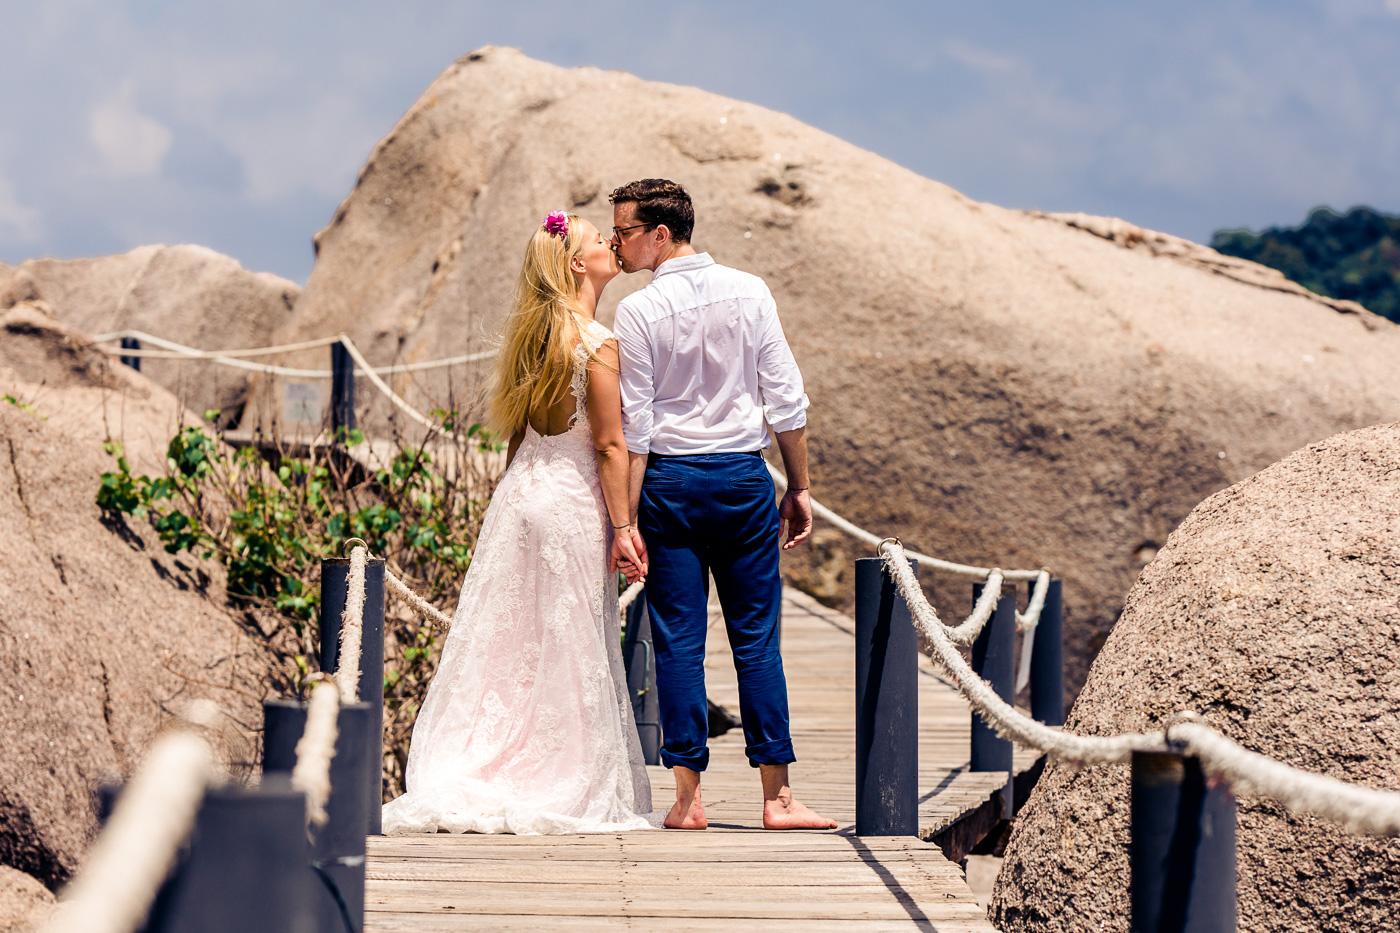 Hochzeitskuss auf auf einer Holzbrücke auf der Insel Koh Tao und fotografiert von Fotograf Markus Winkelbauer